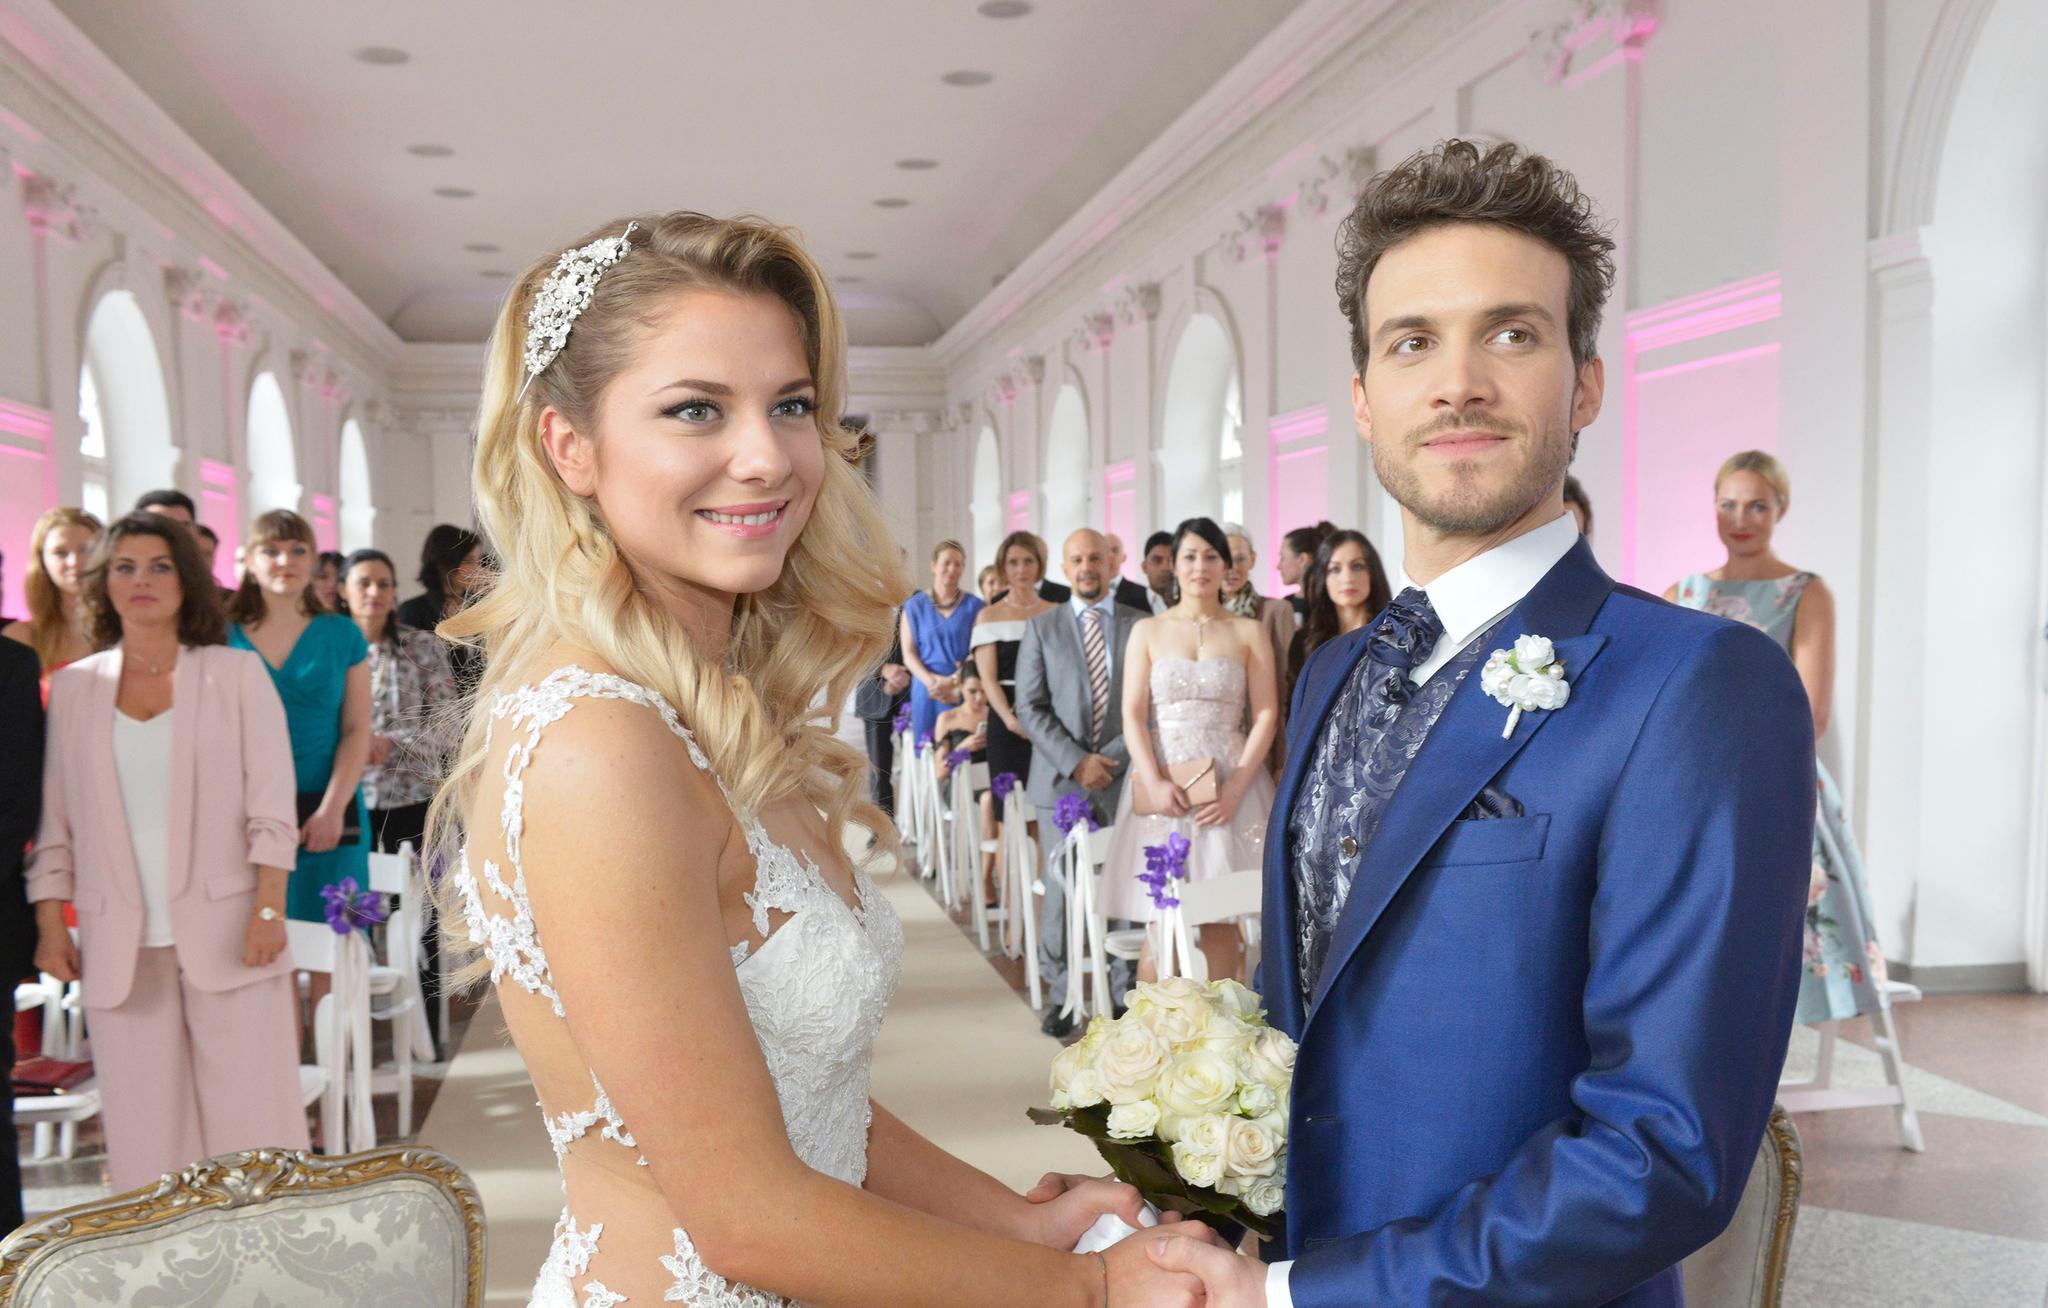 """GZSZ sagt """"Ja"""" – Die schönsten Hochzeiten der Kult-Soap - S. 12"""